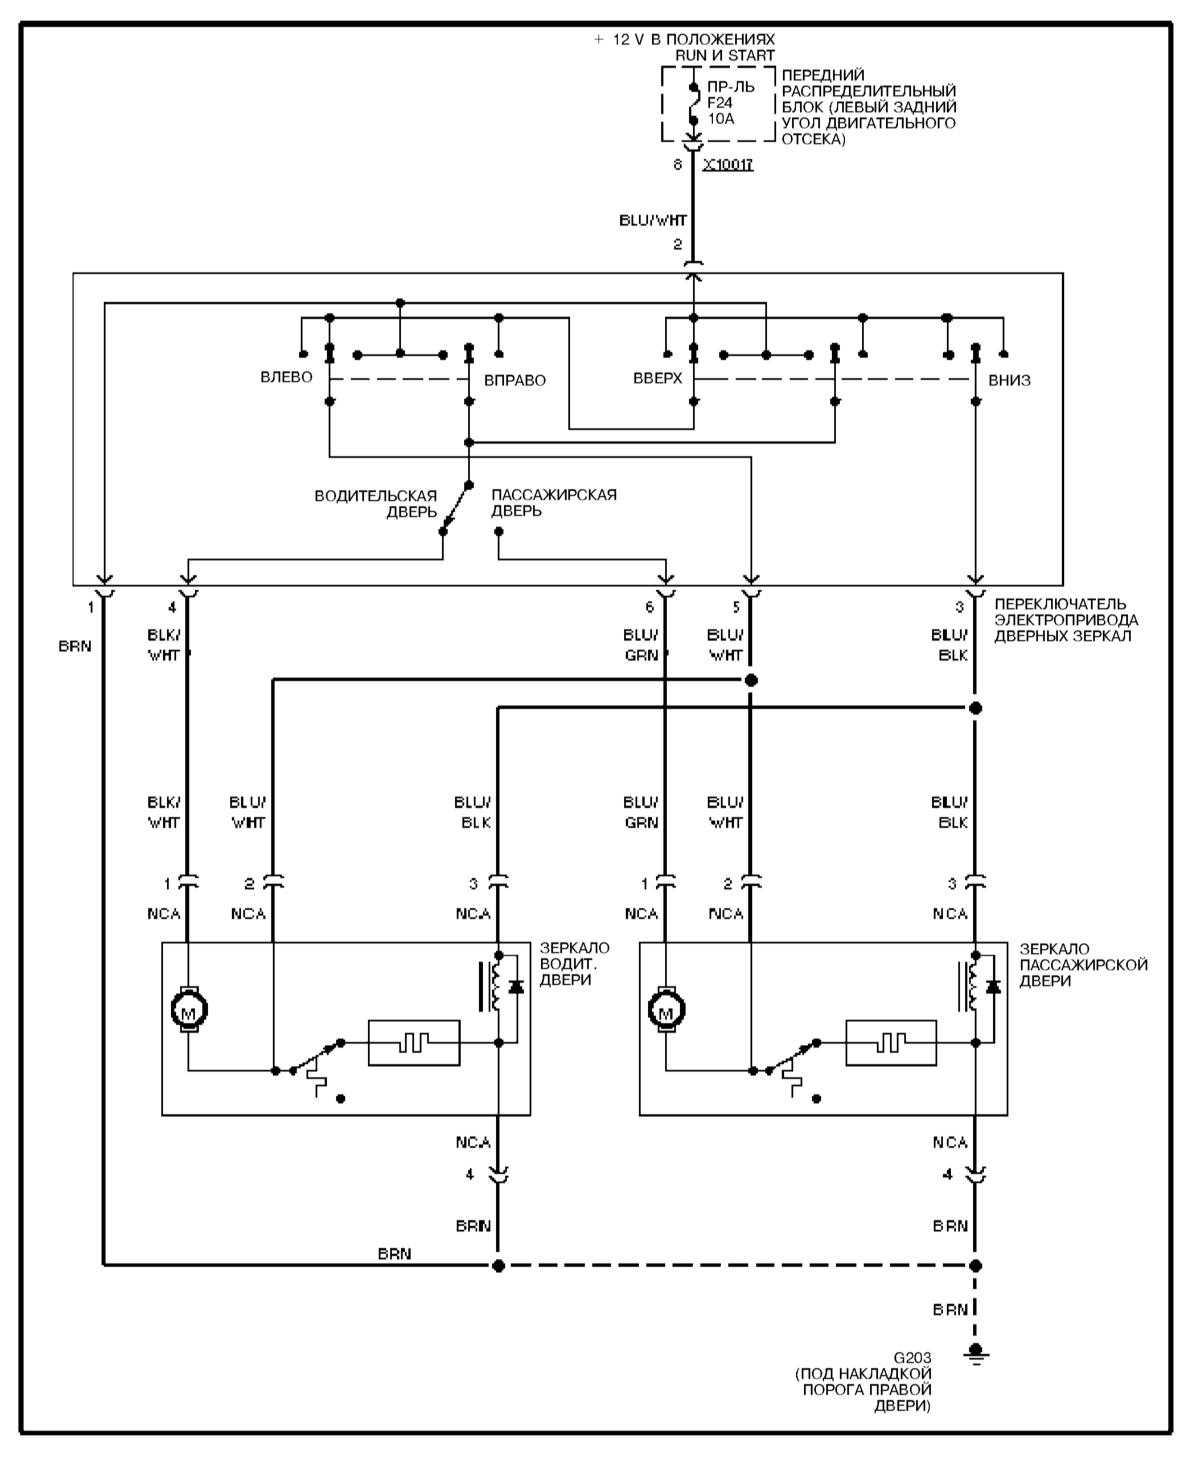 инструкция по дверным замкам в мазда 626 универсал 1999 г в